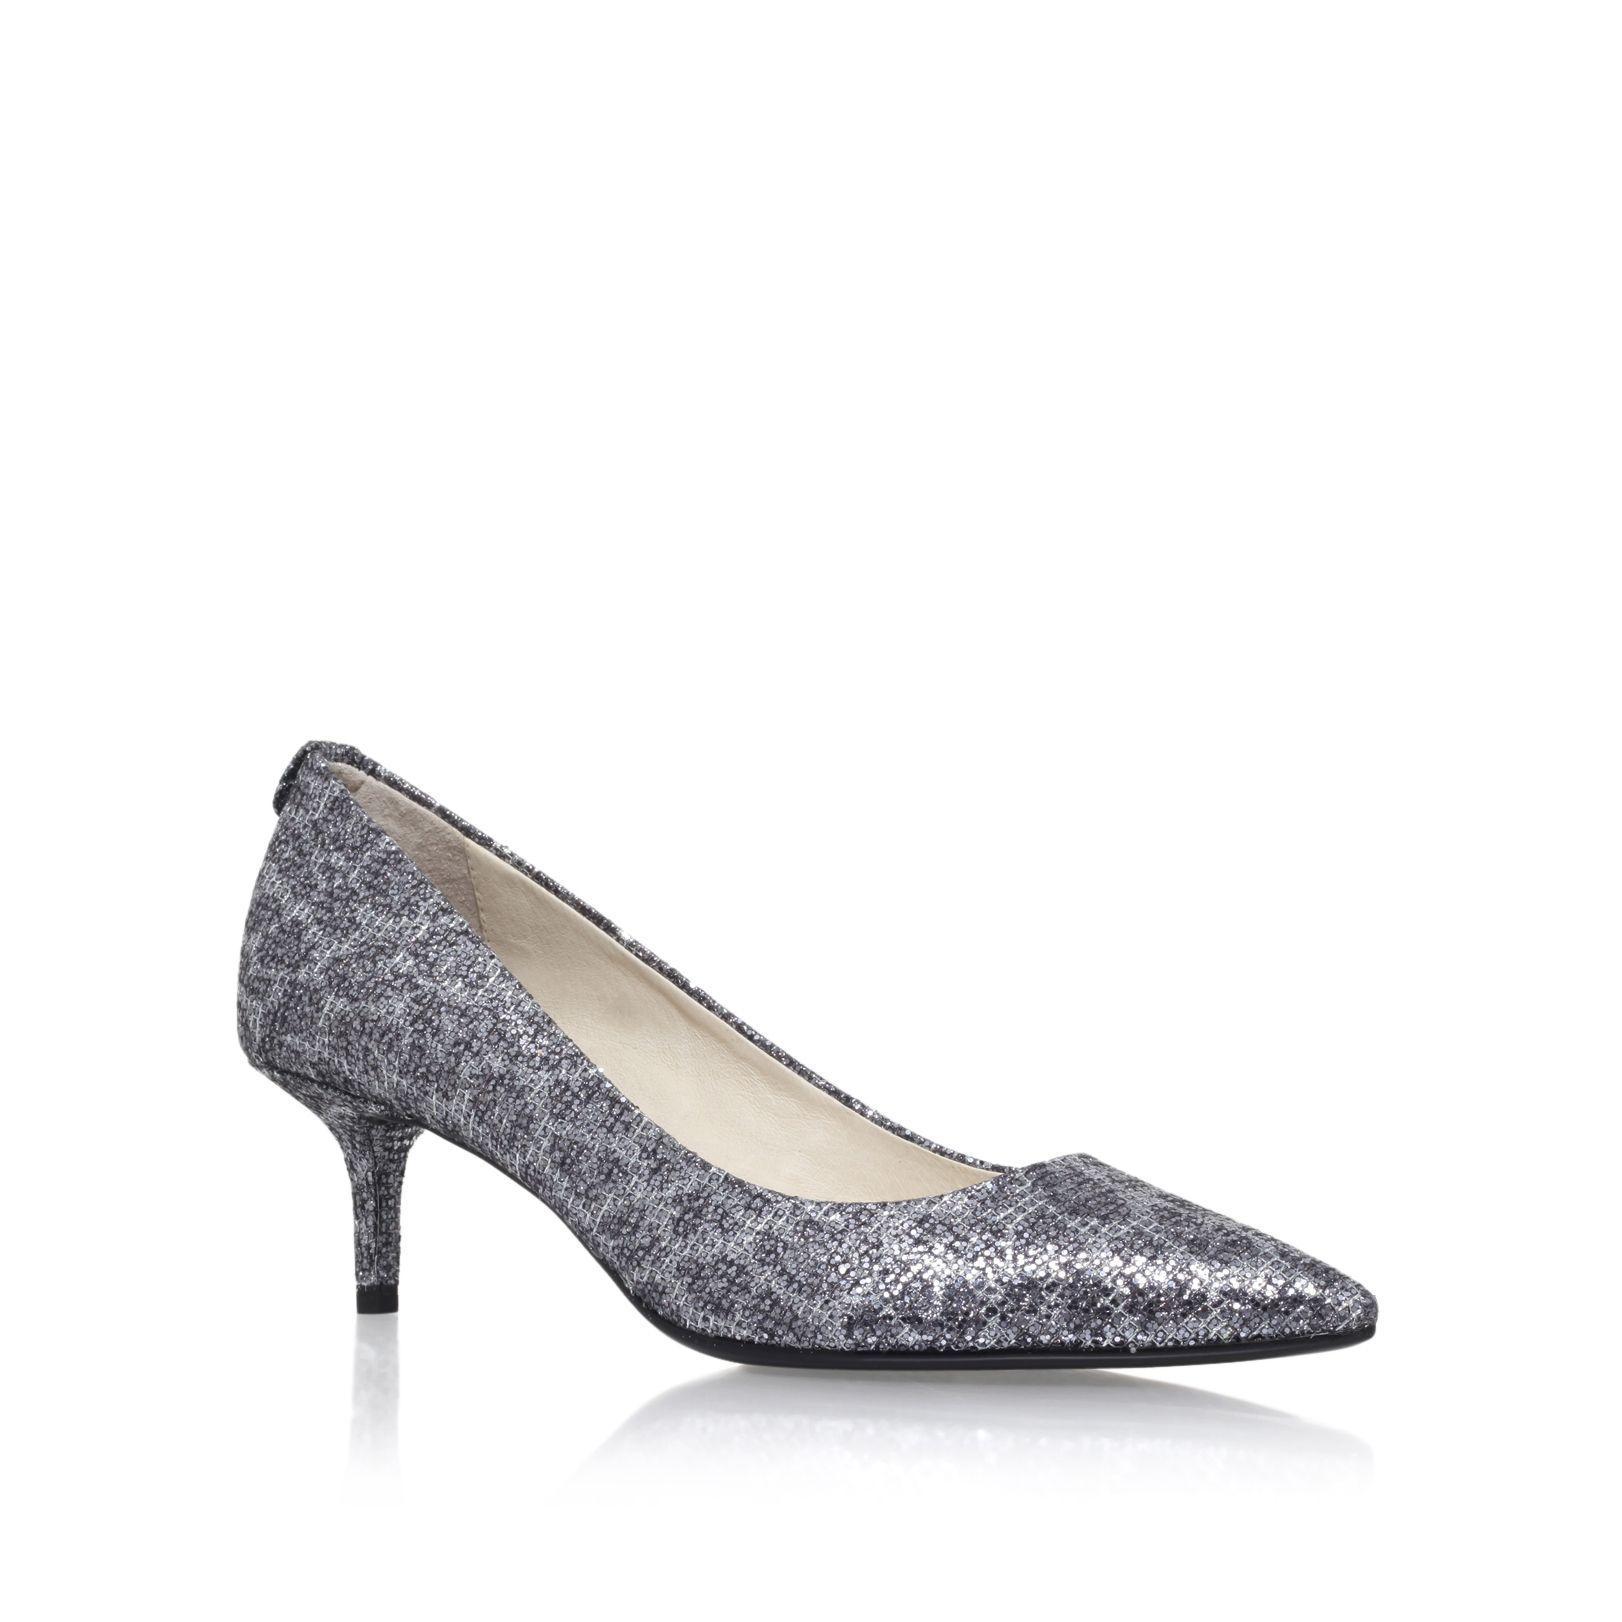 M S Kitten Heel Shoes